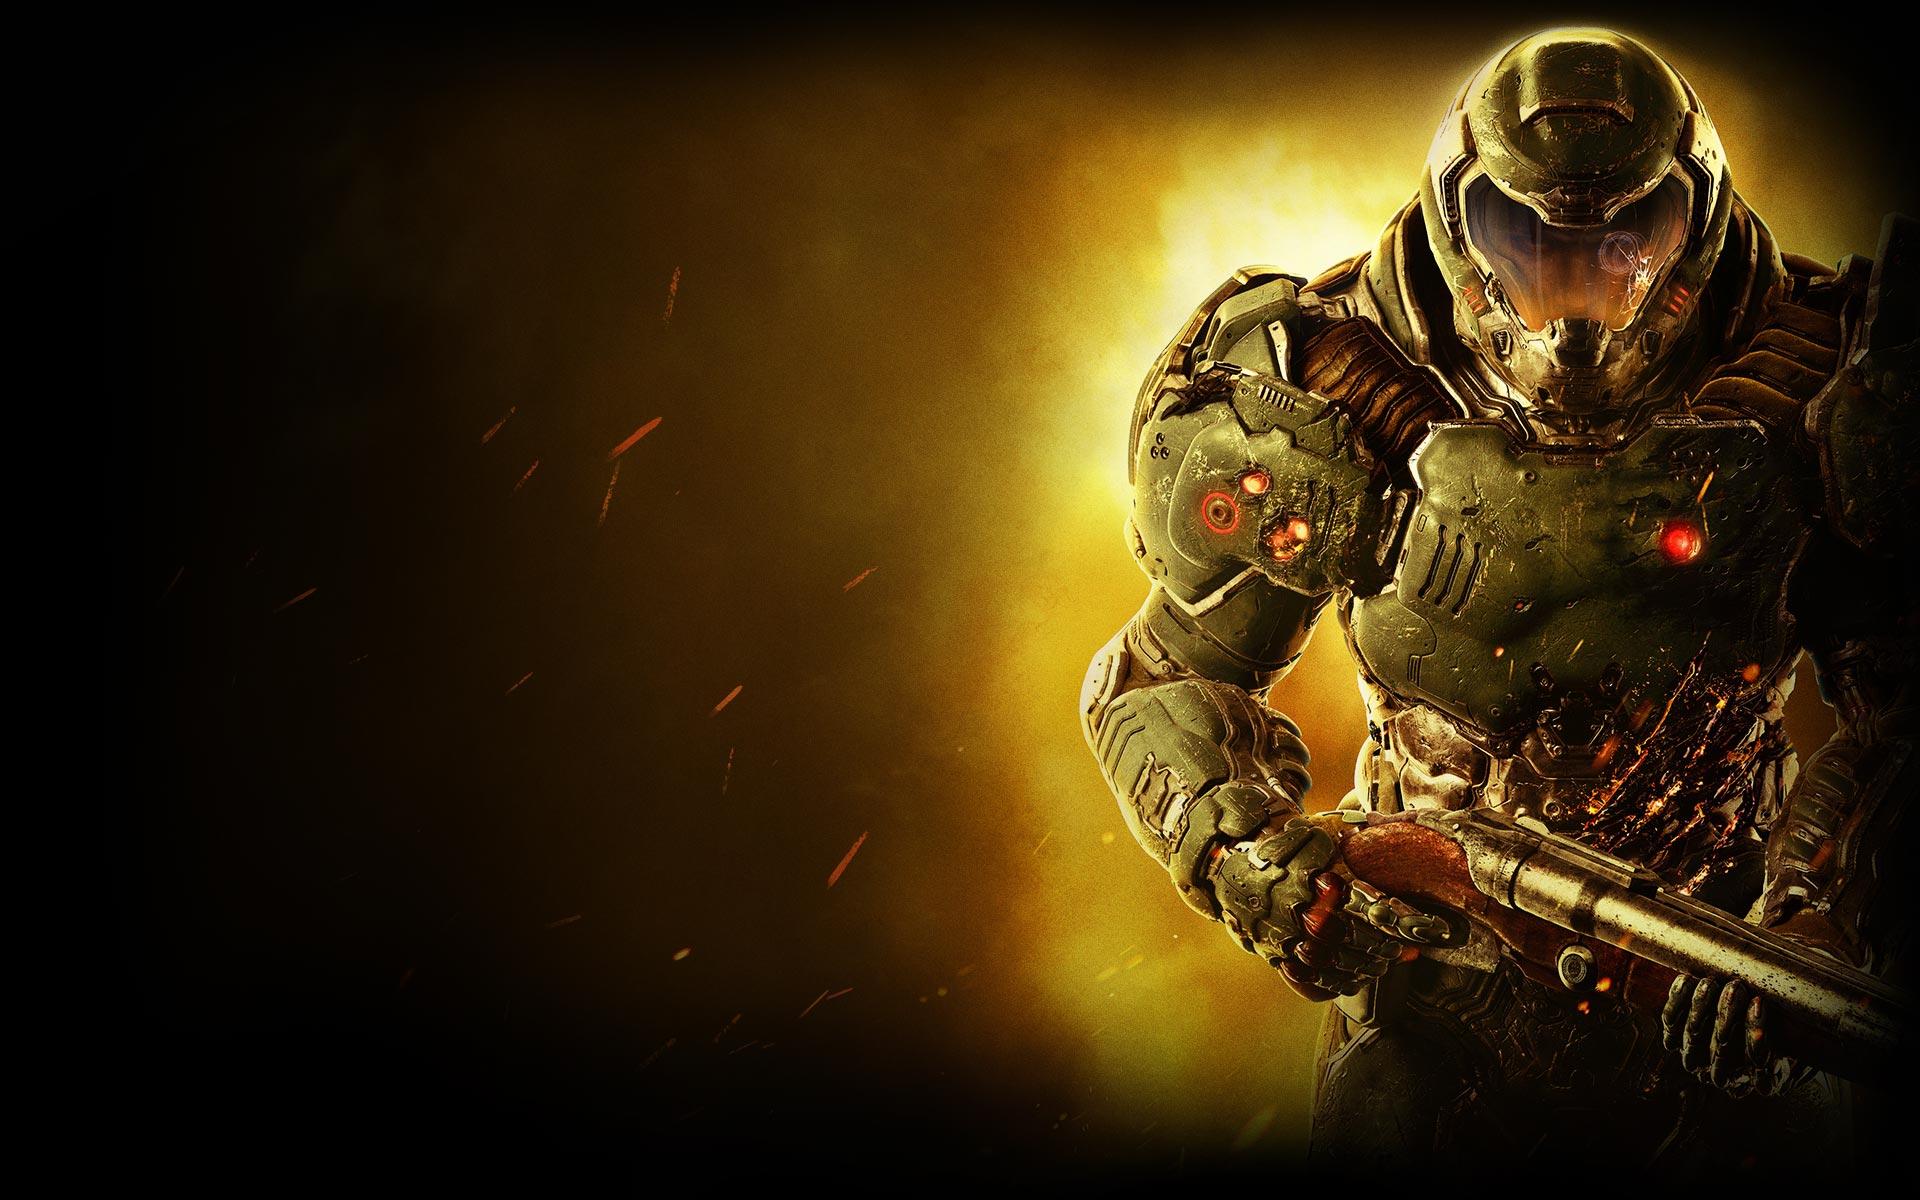 Steam Community Market Listings For 379720 Doom Slayer